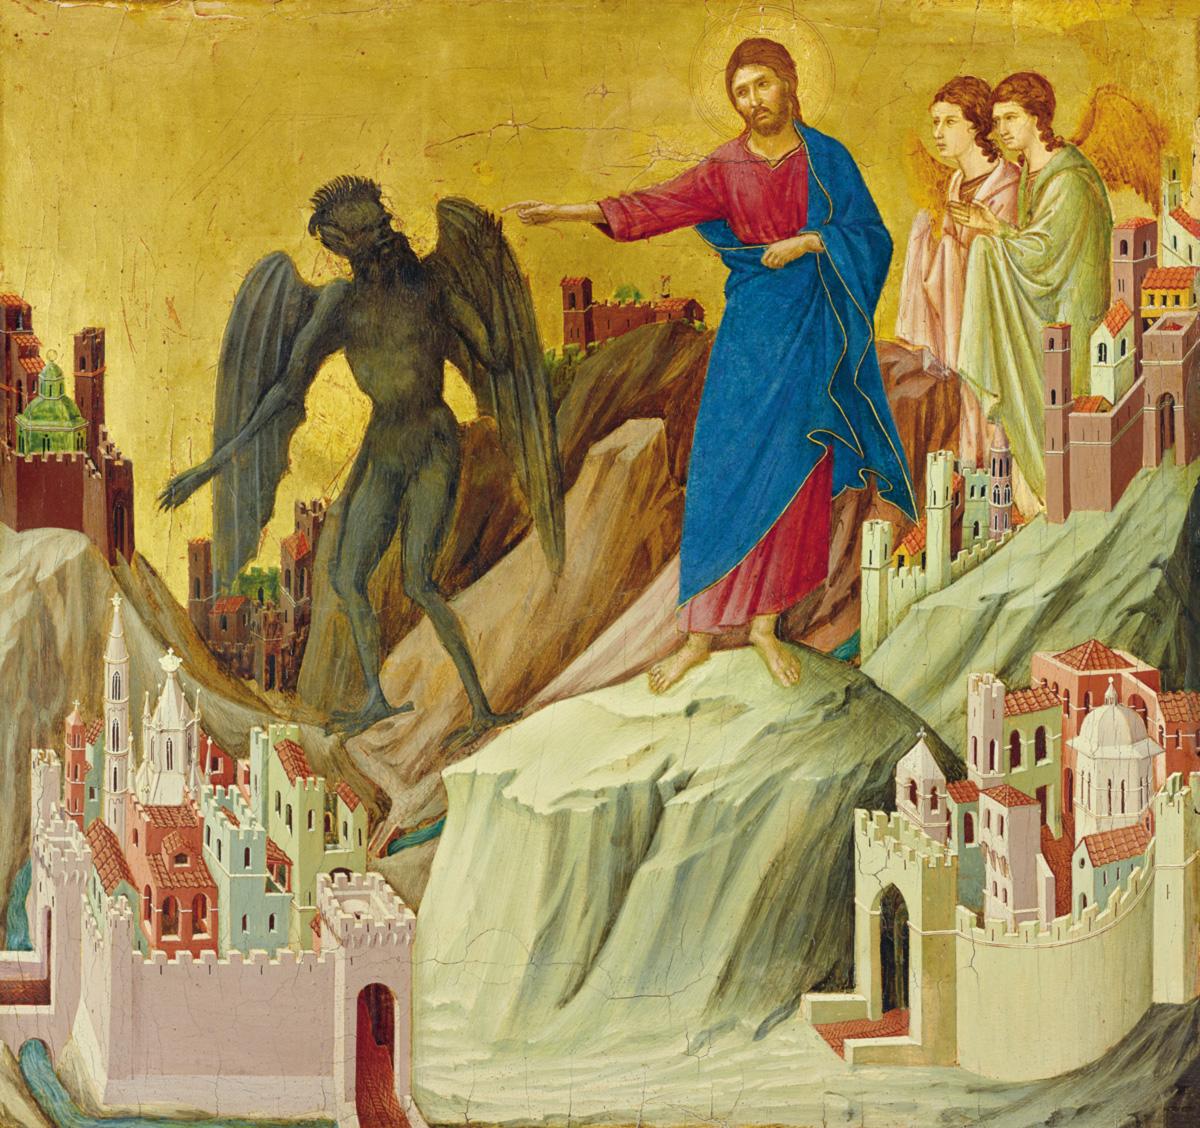 Mais sóbrio do que o pentecostalismo, o catolicismo proíbe que se pratique o exorcismo na tevê ou em outros meios de comunicação